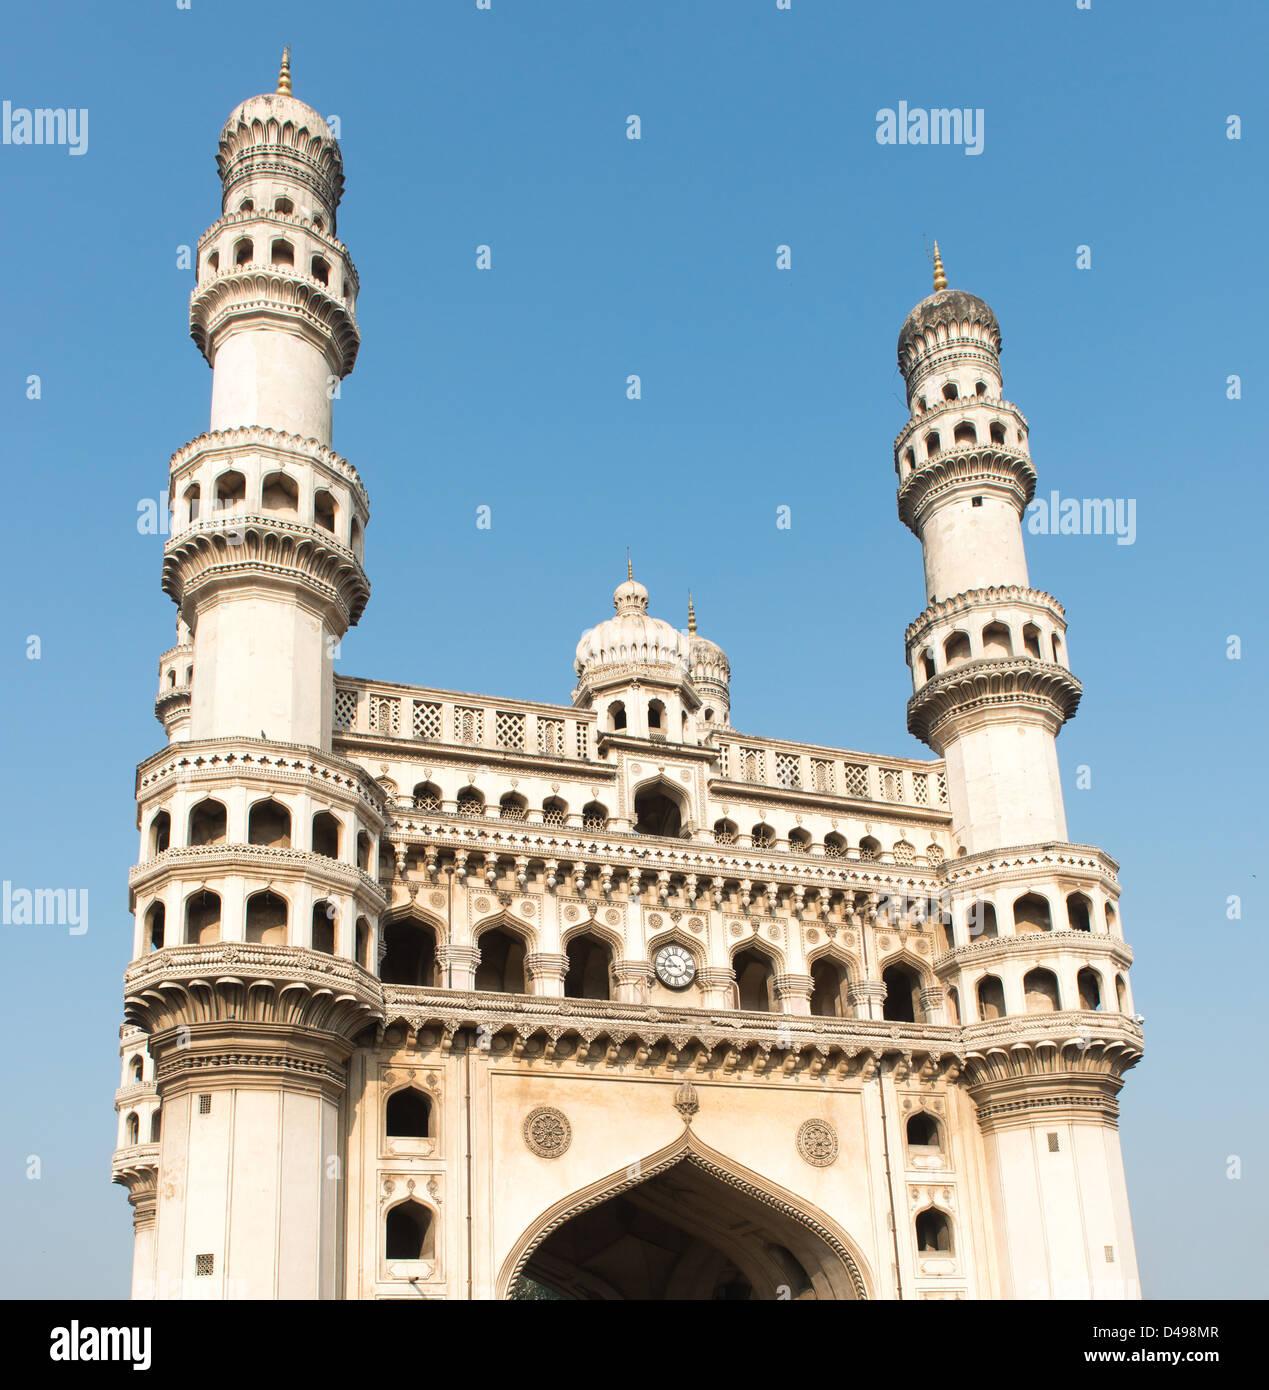 Hyderabad, India: Charminar o Quattro Torri è un prominente punto di riferimento. Immagini Stock